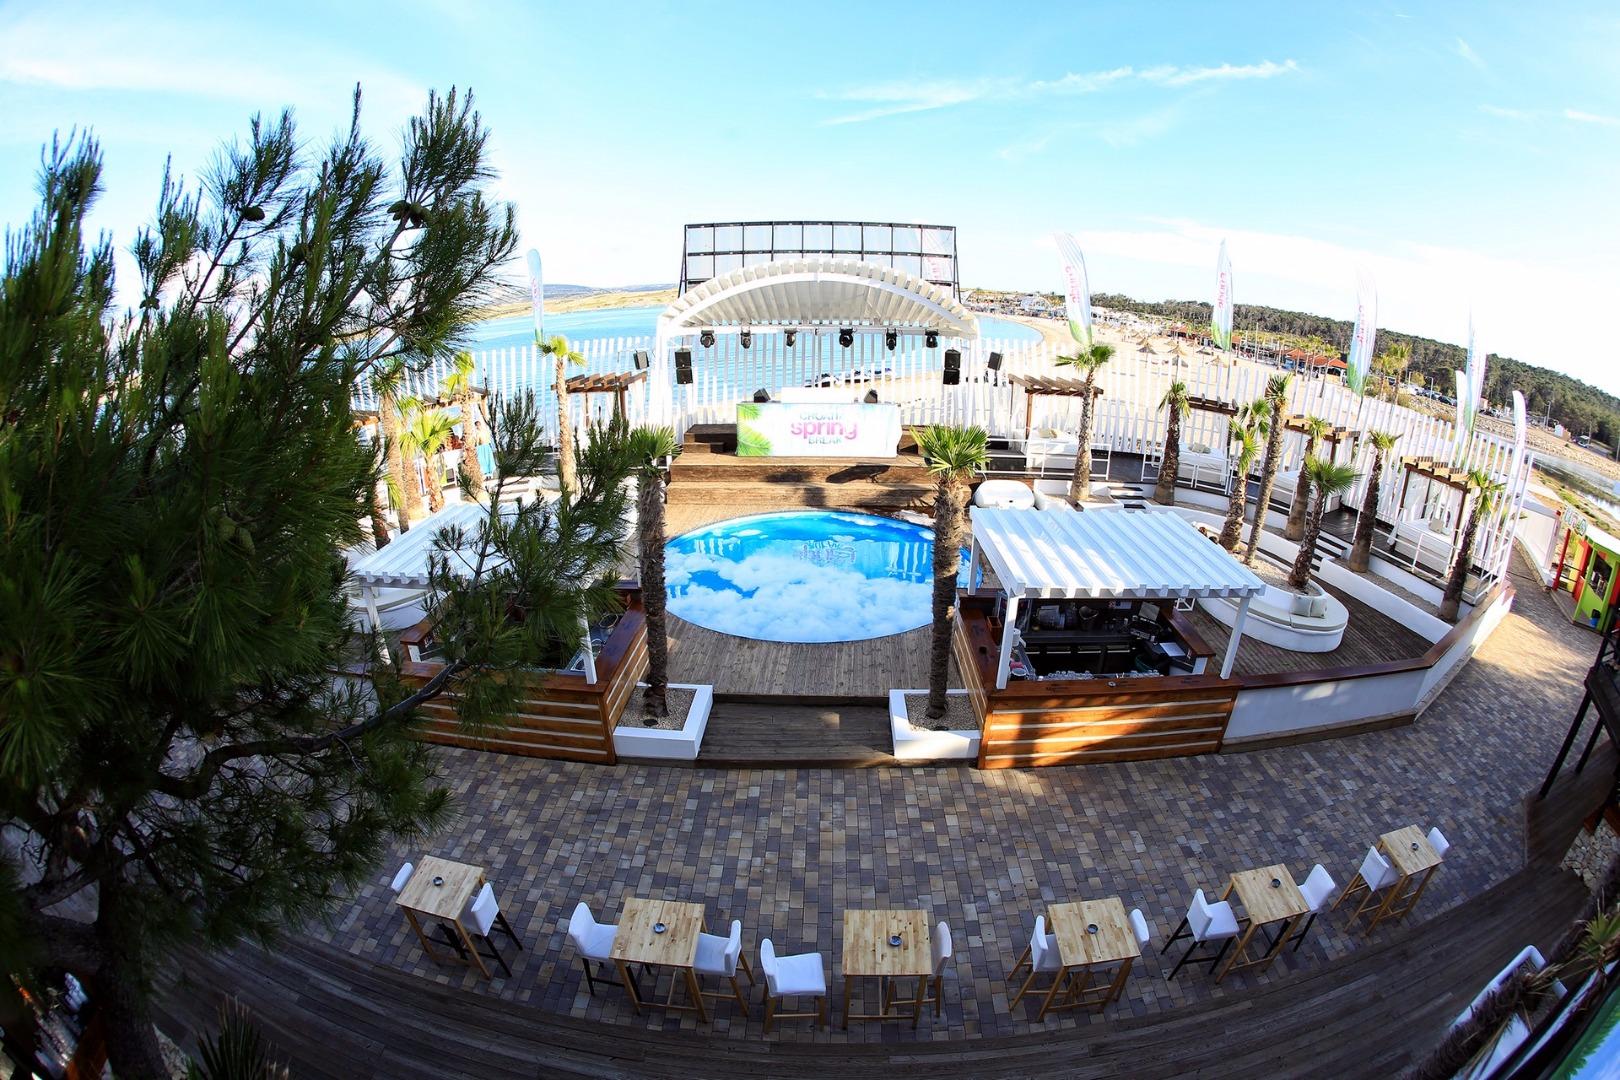 Kalypso Club Zrce Beach - Croatia Spring Break